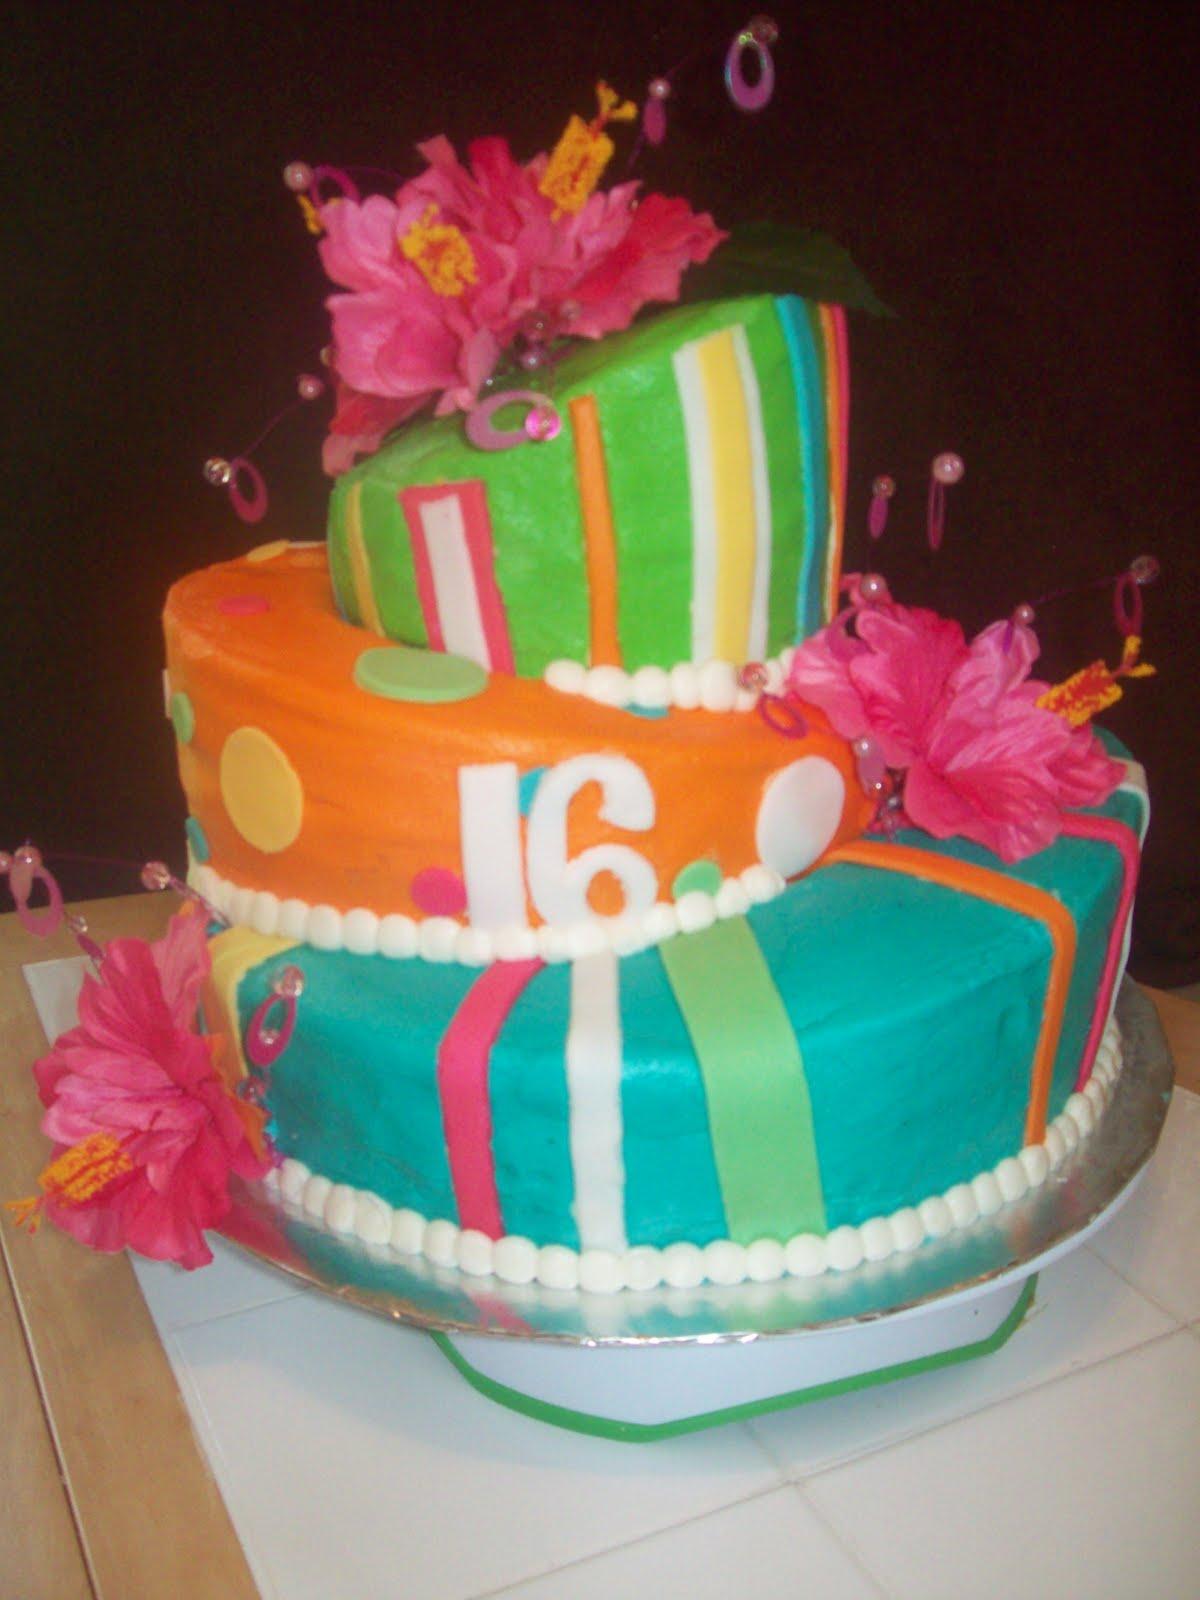 Bb Cakes Topsy Turvy 16th Birthday Cake